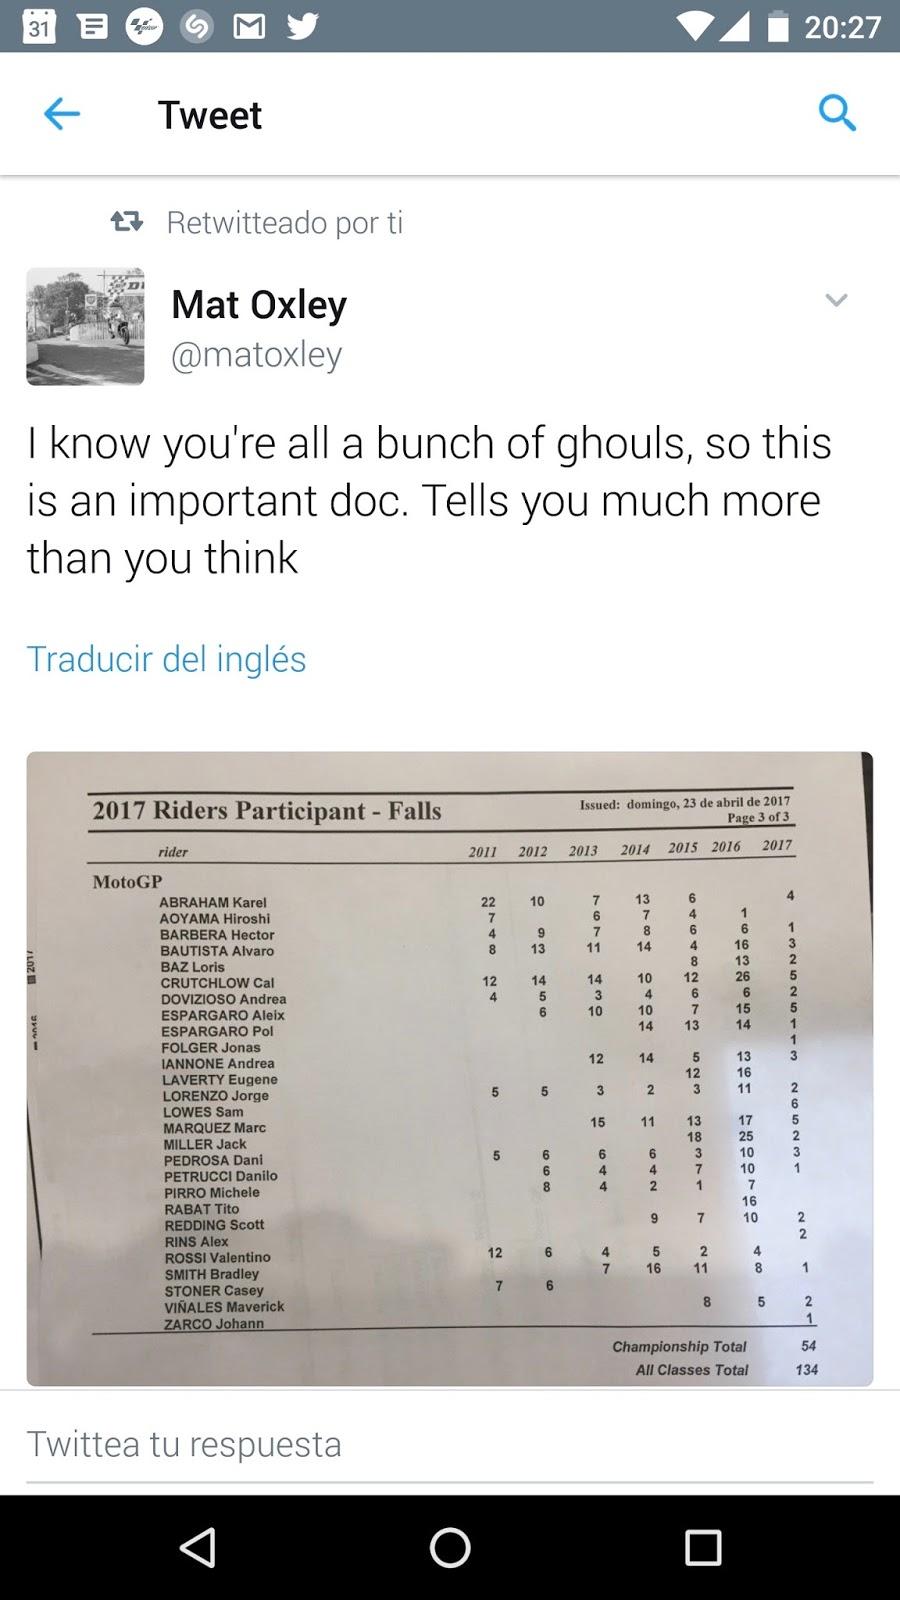 """""""Como sé que sois una panda de morbosos os mando  este documento. Dice mucho más de lo que parece."""" Tweet de Mat Oxley"""